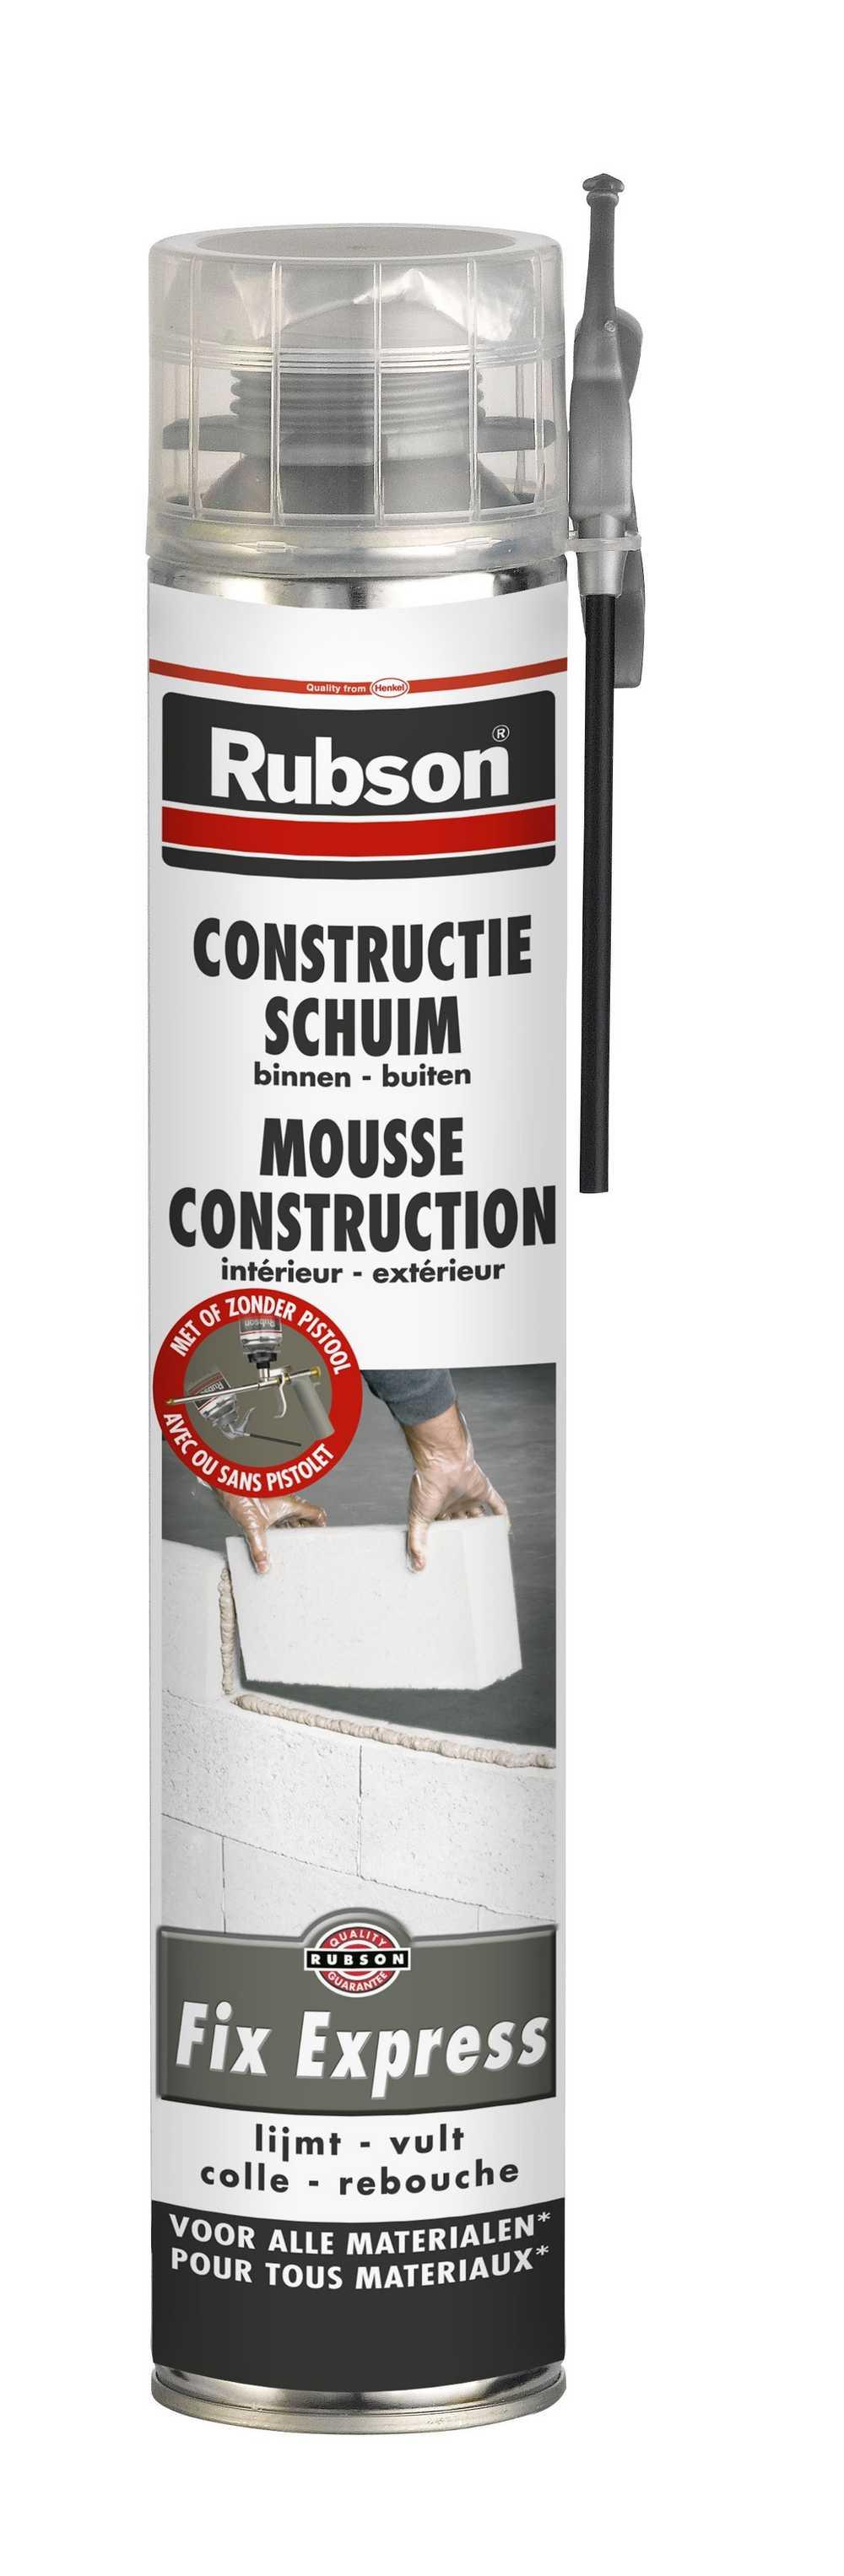 RUBSON CONSTRUCTIESCHUIM 750ML  RUBSON CONSTRUCTIE SCHUIM